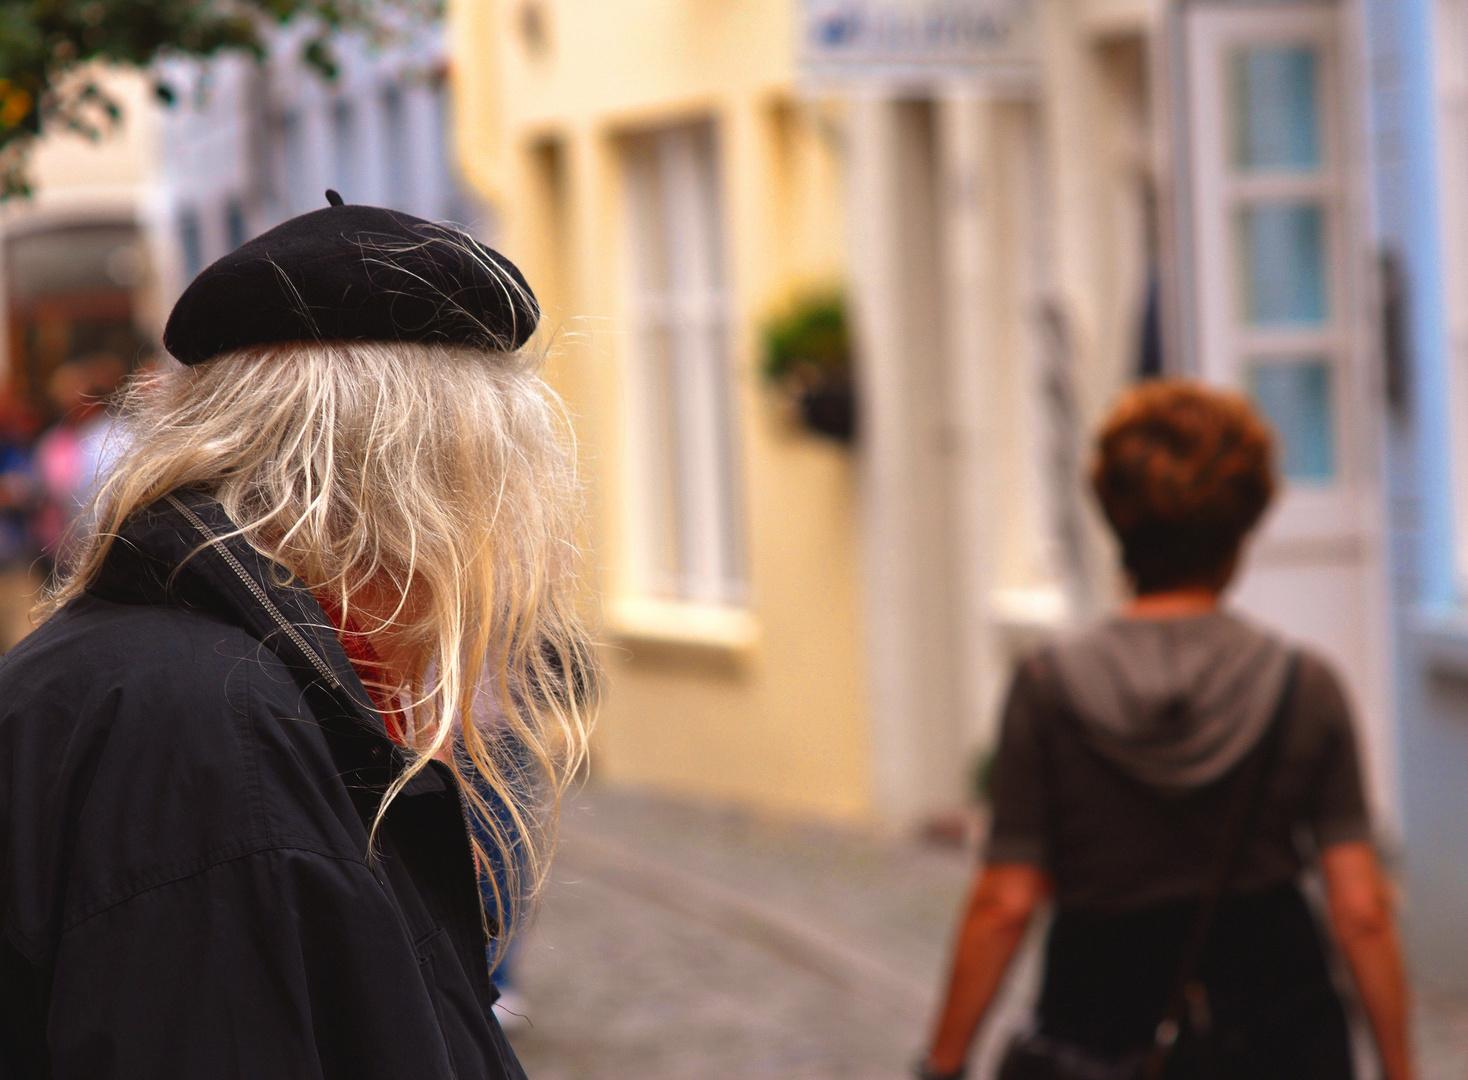 Street aus dem Bremer Schnorrviertel, bewusst nicht SW